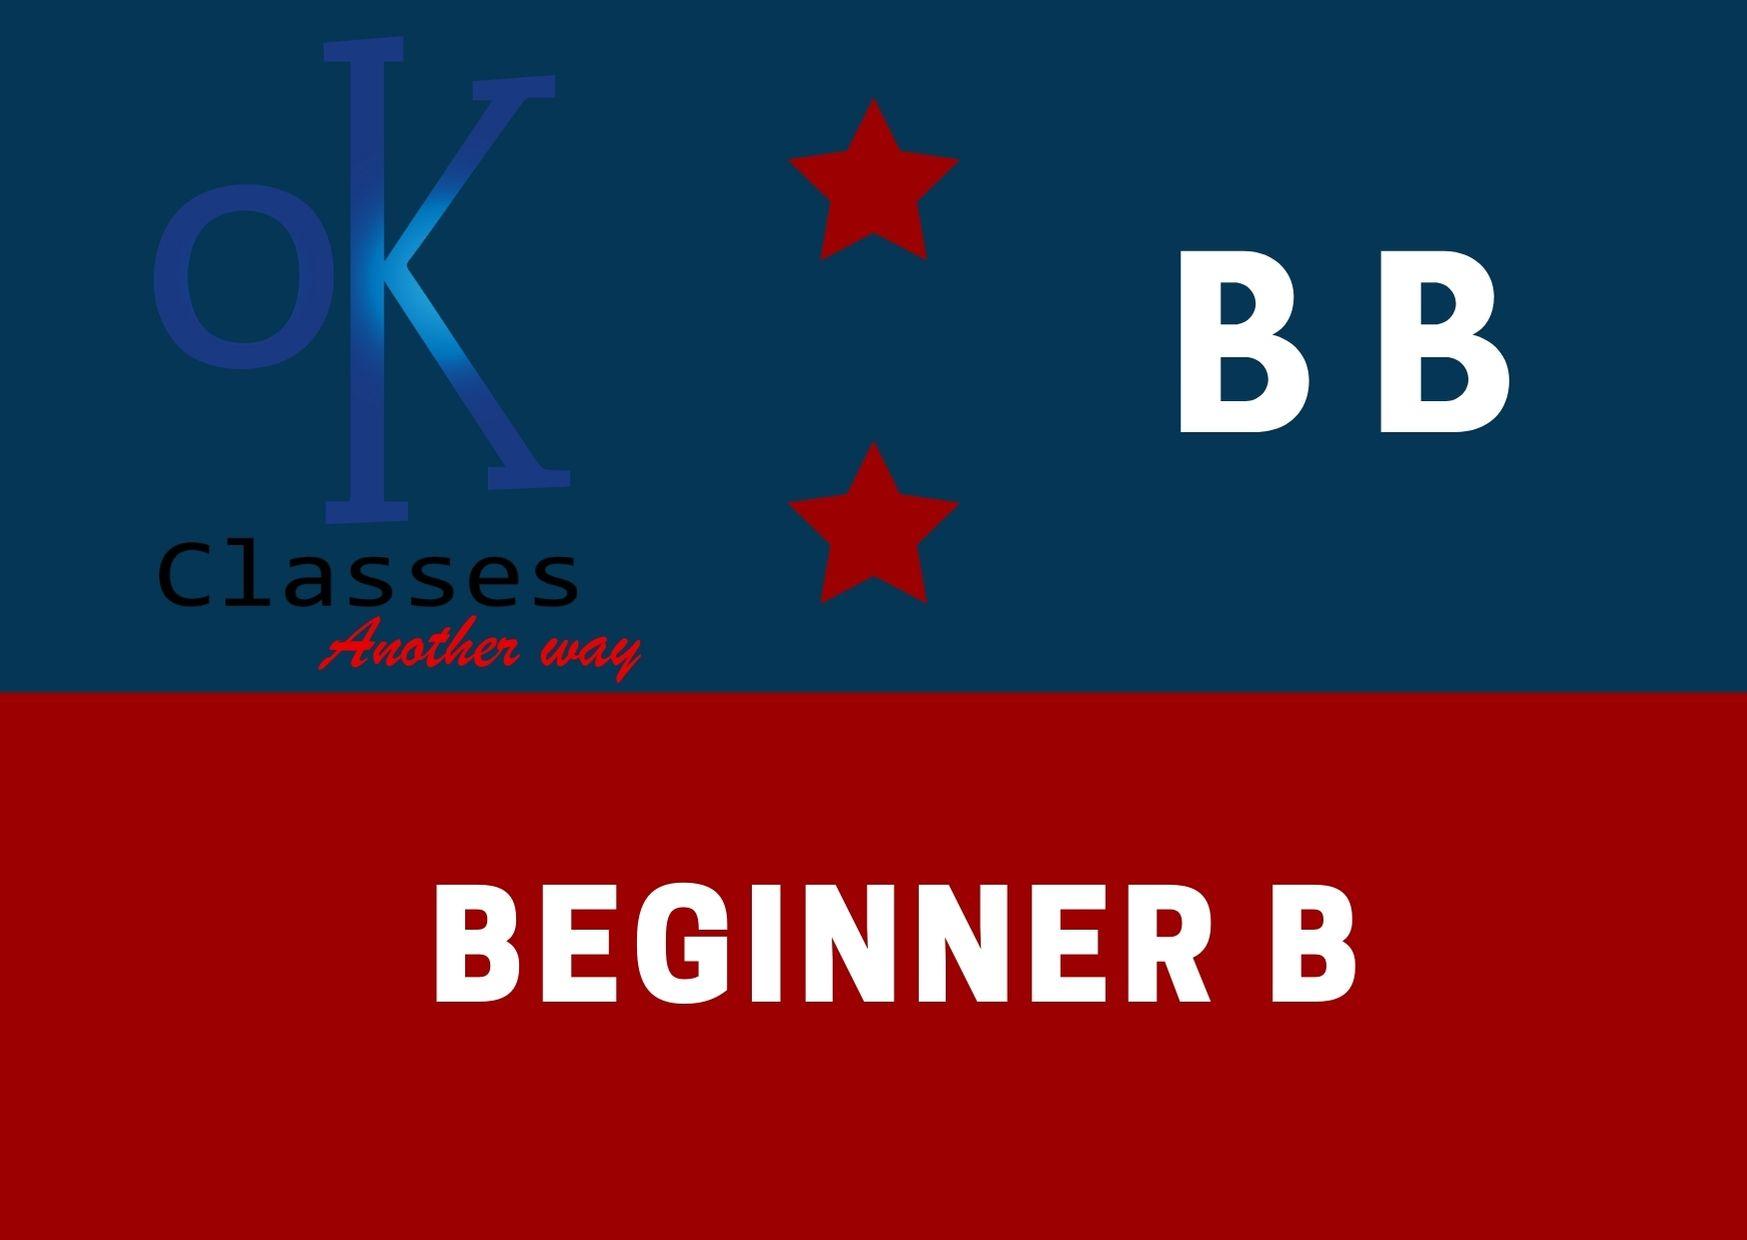 Ok Classes Beginner B